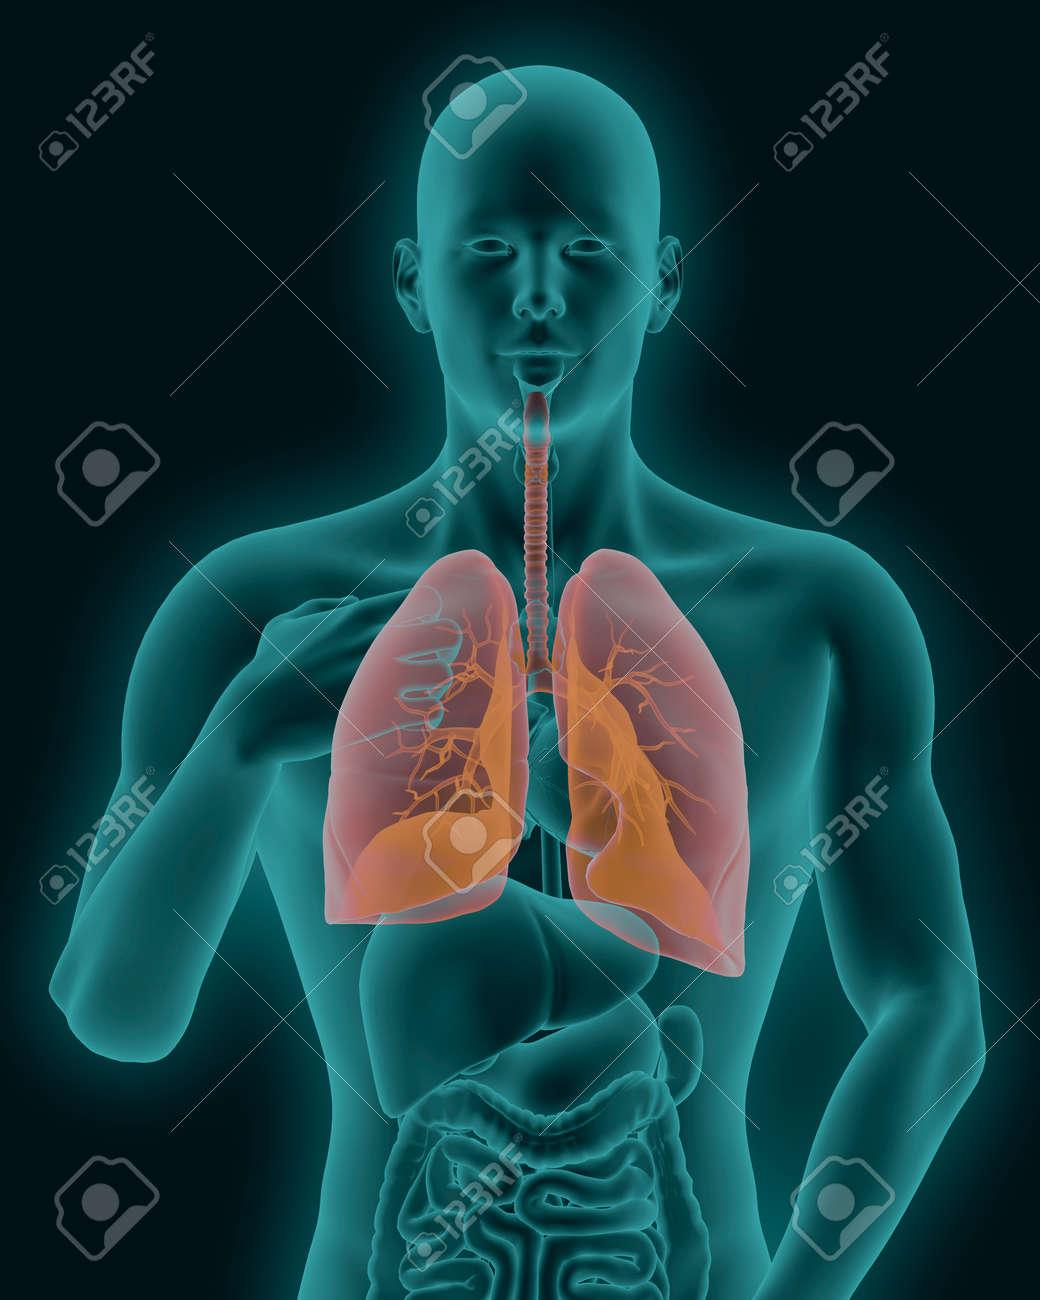 Der Menschliche Körper Röntgenscan Mit Sichtbaren Entzündeten Lunge ...